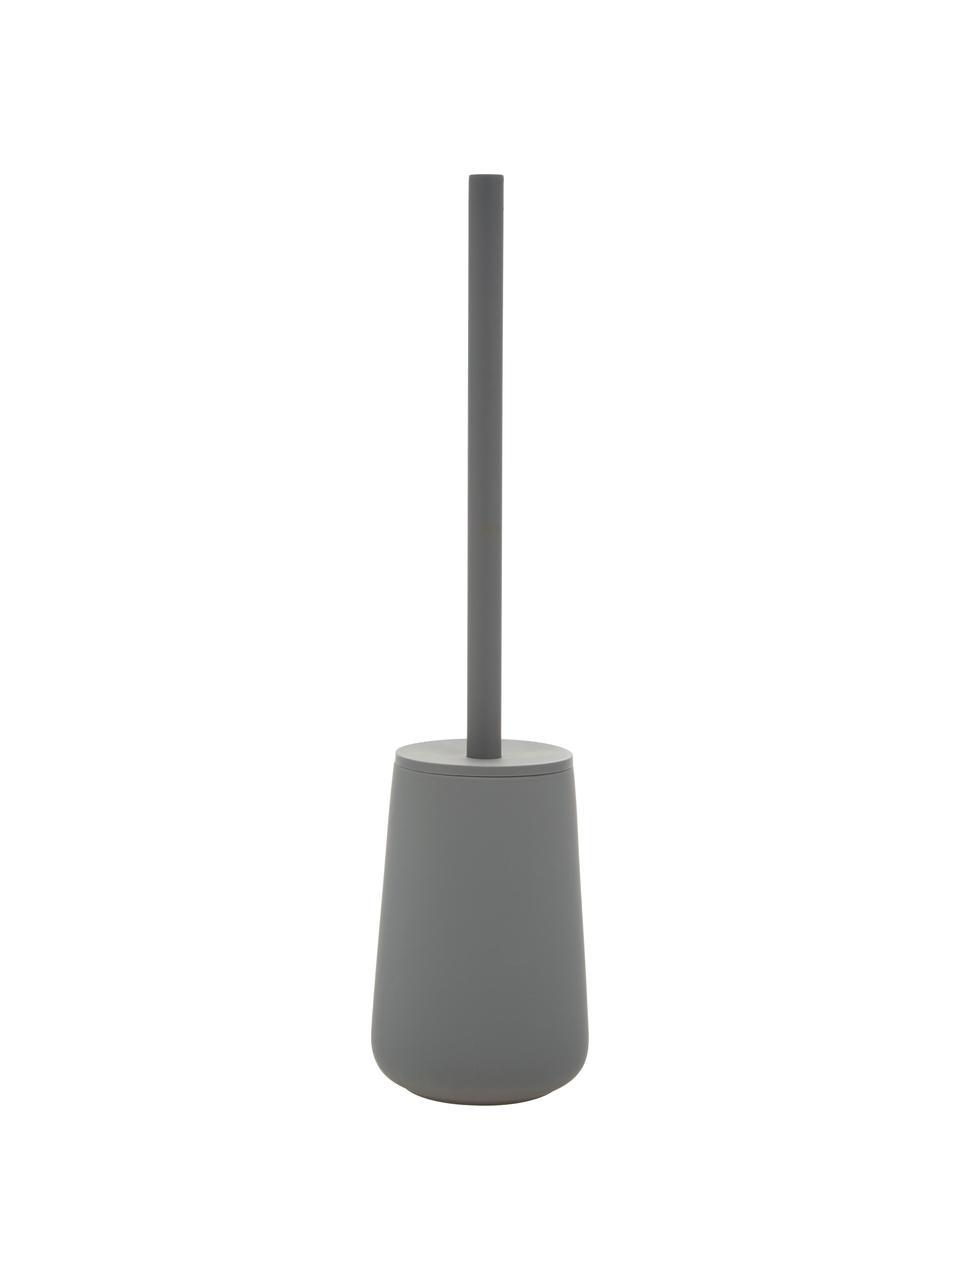 Szczotka toaletowa z pojemnikiem z porcelany Nova One, Szary, matowy, Ø 10 x W 43 cm